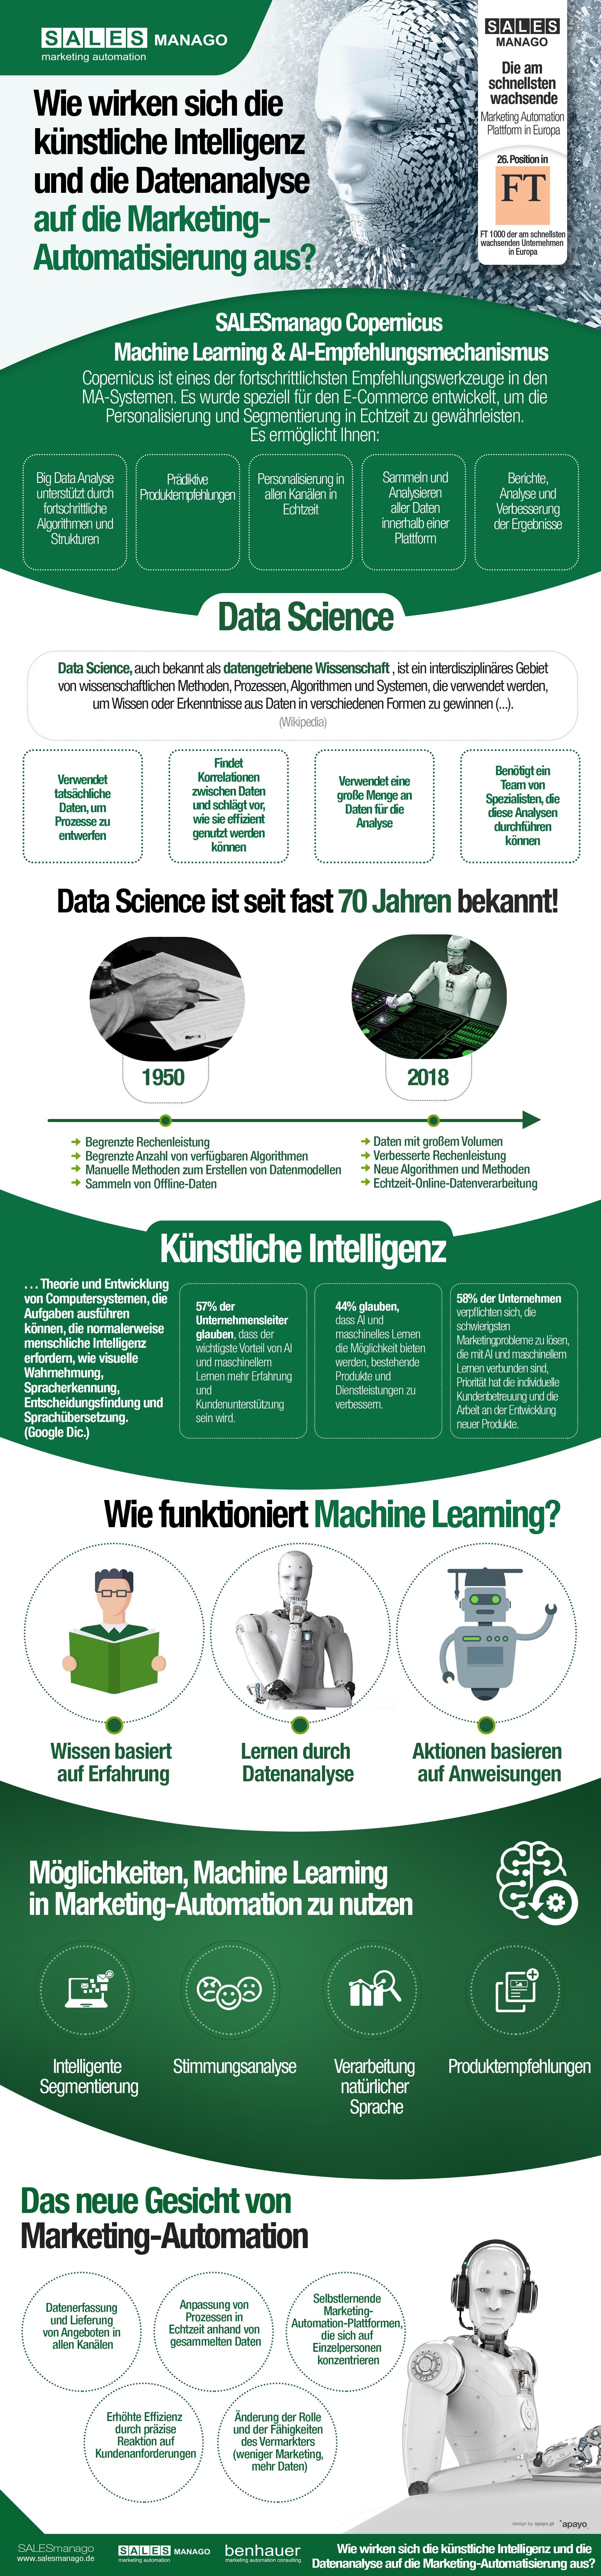 Wie wirken sich die künstliche Intelligenz und die Datenanalyse auf die MA aus?